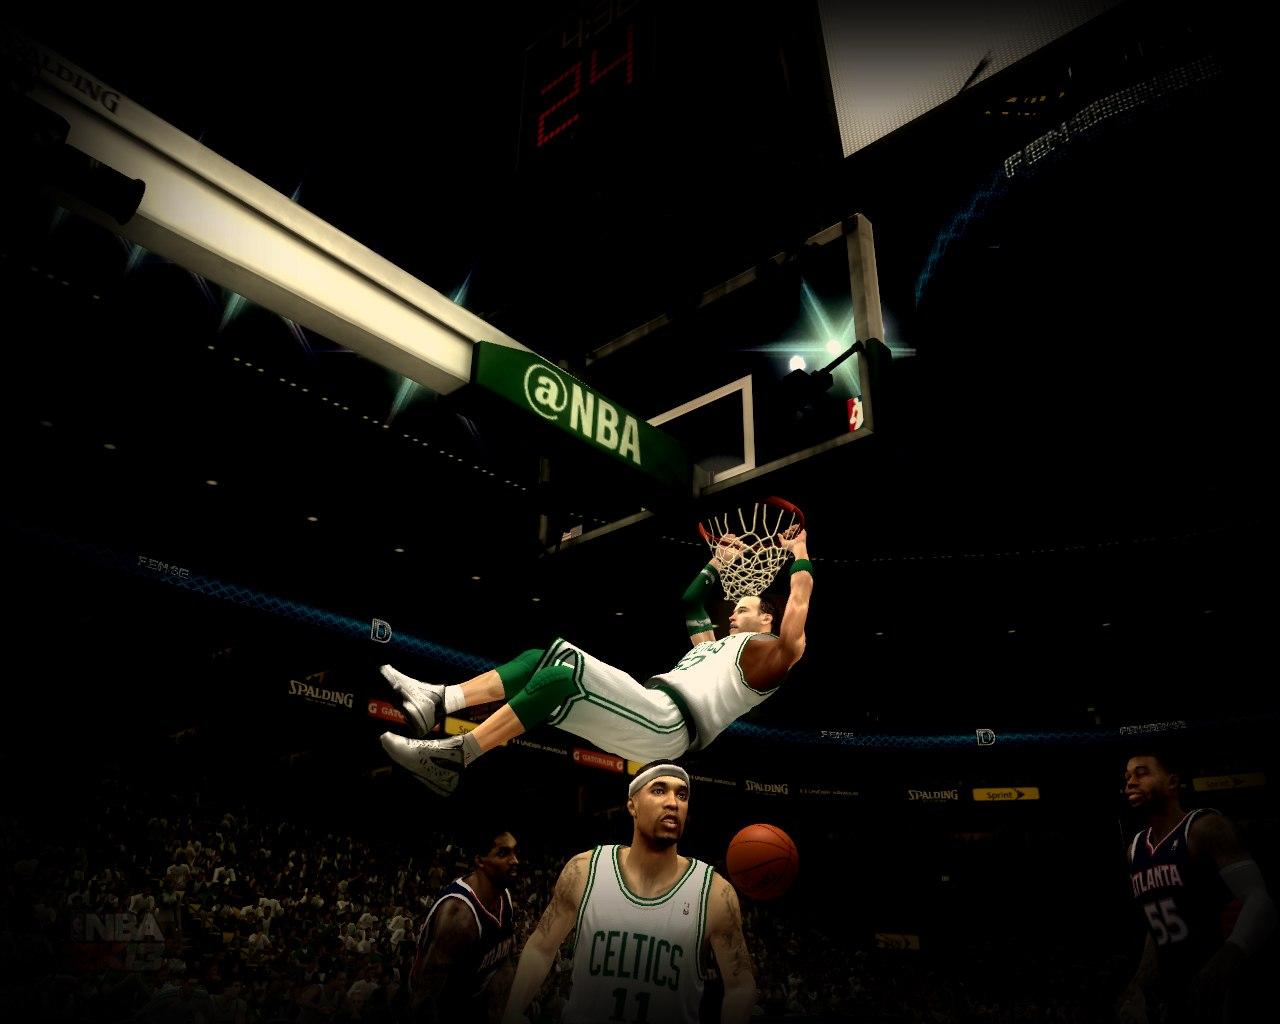 Стоп-кадр НБА2К13